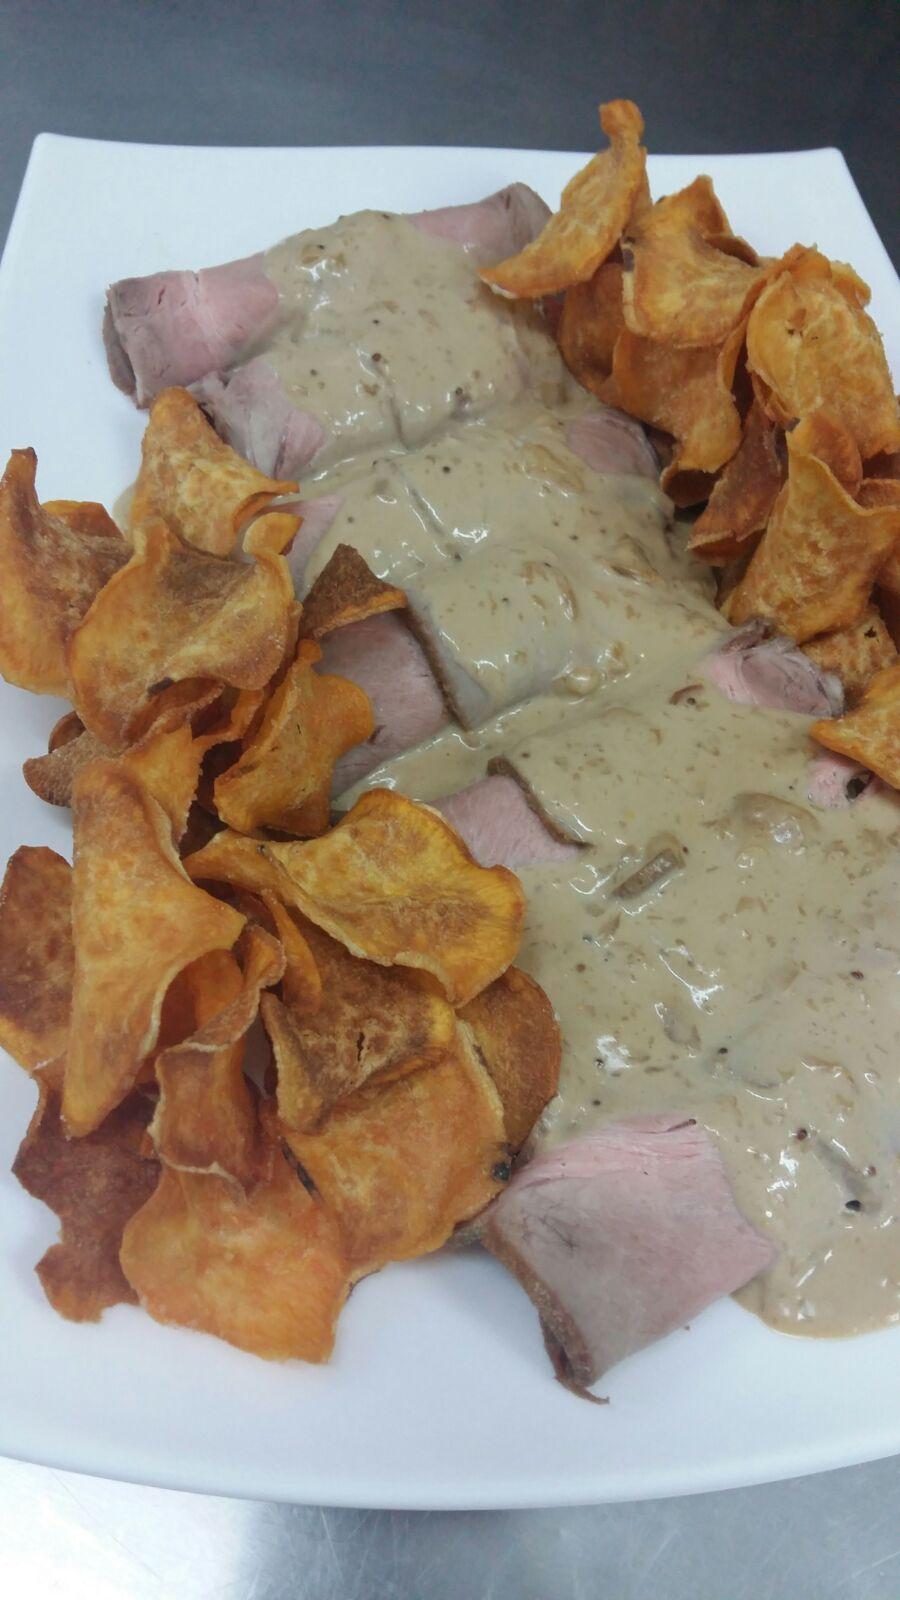 Cabezada de cerdo rellena de cebolla caramelizada y salsa perrins.